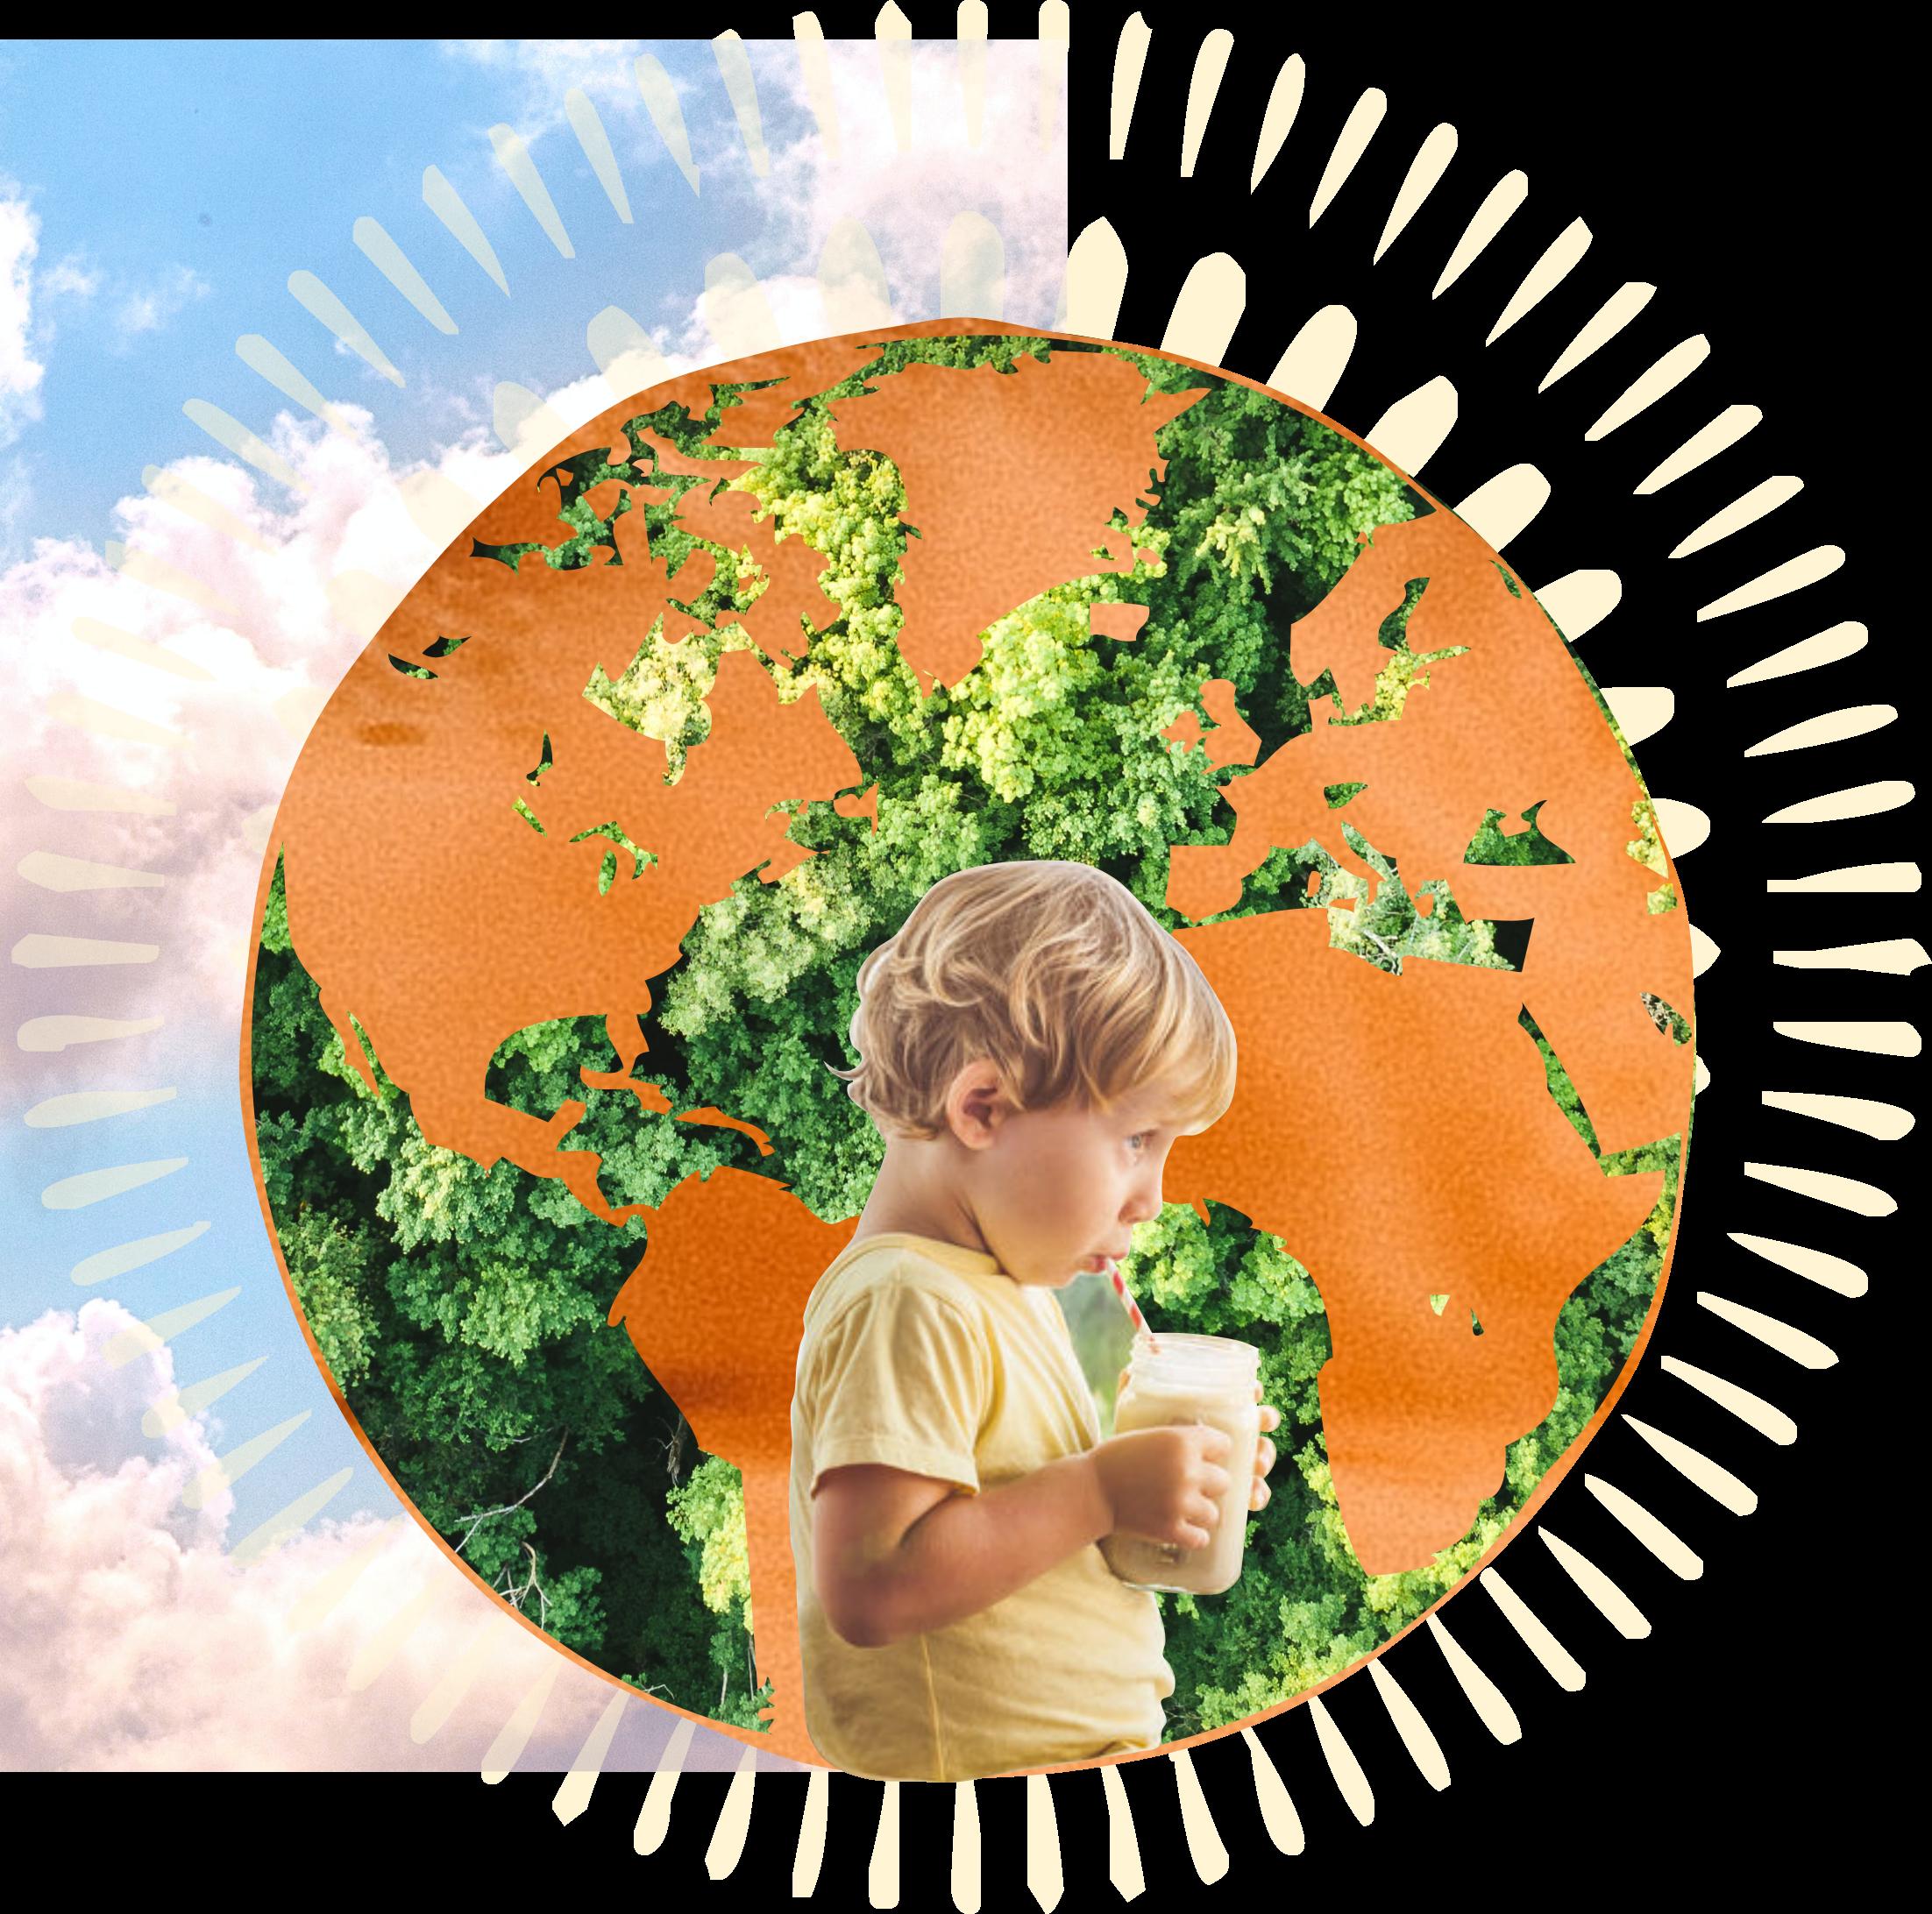 La boisson végétale pour la santé, la planète, les humains